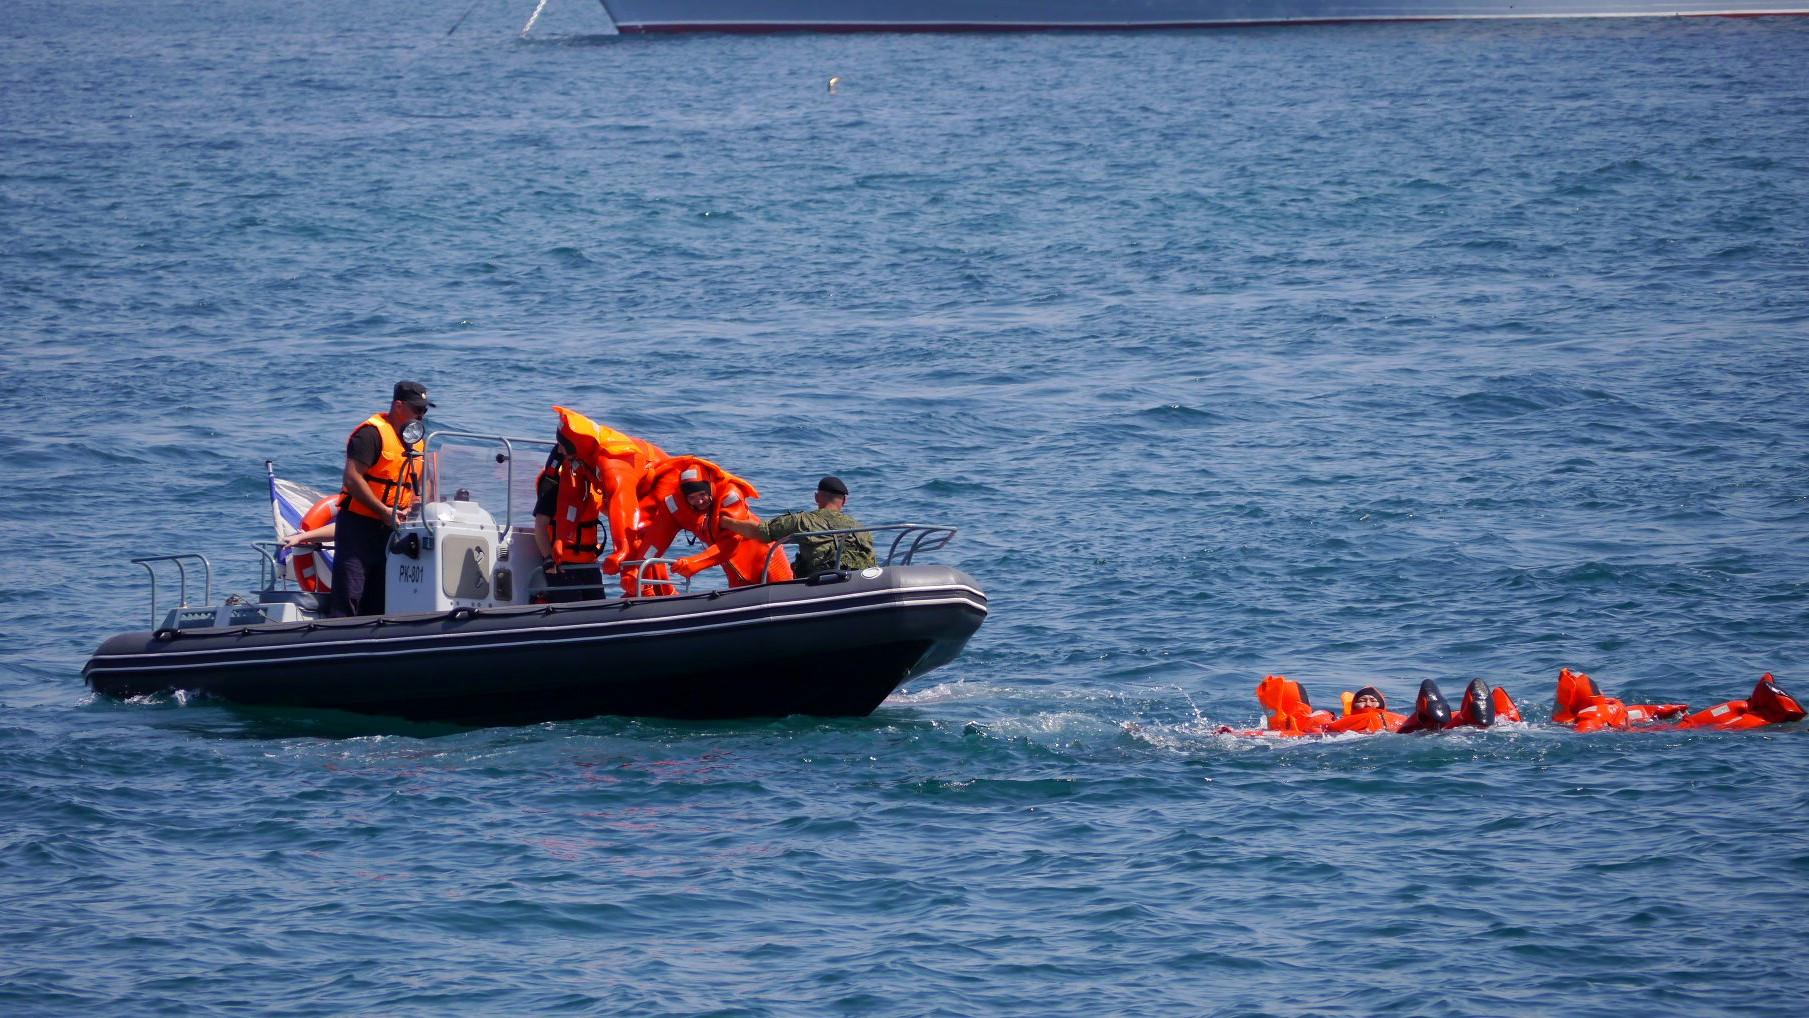 Потерпевший катастрофу корабльЧФ «Лиман» затонул вЧерном море